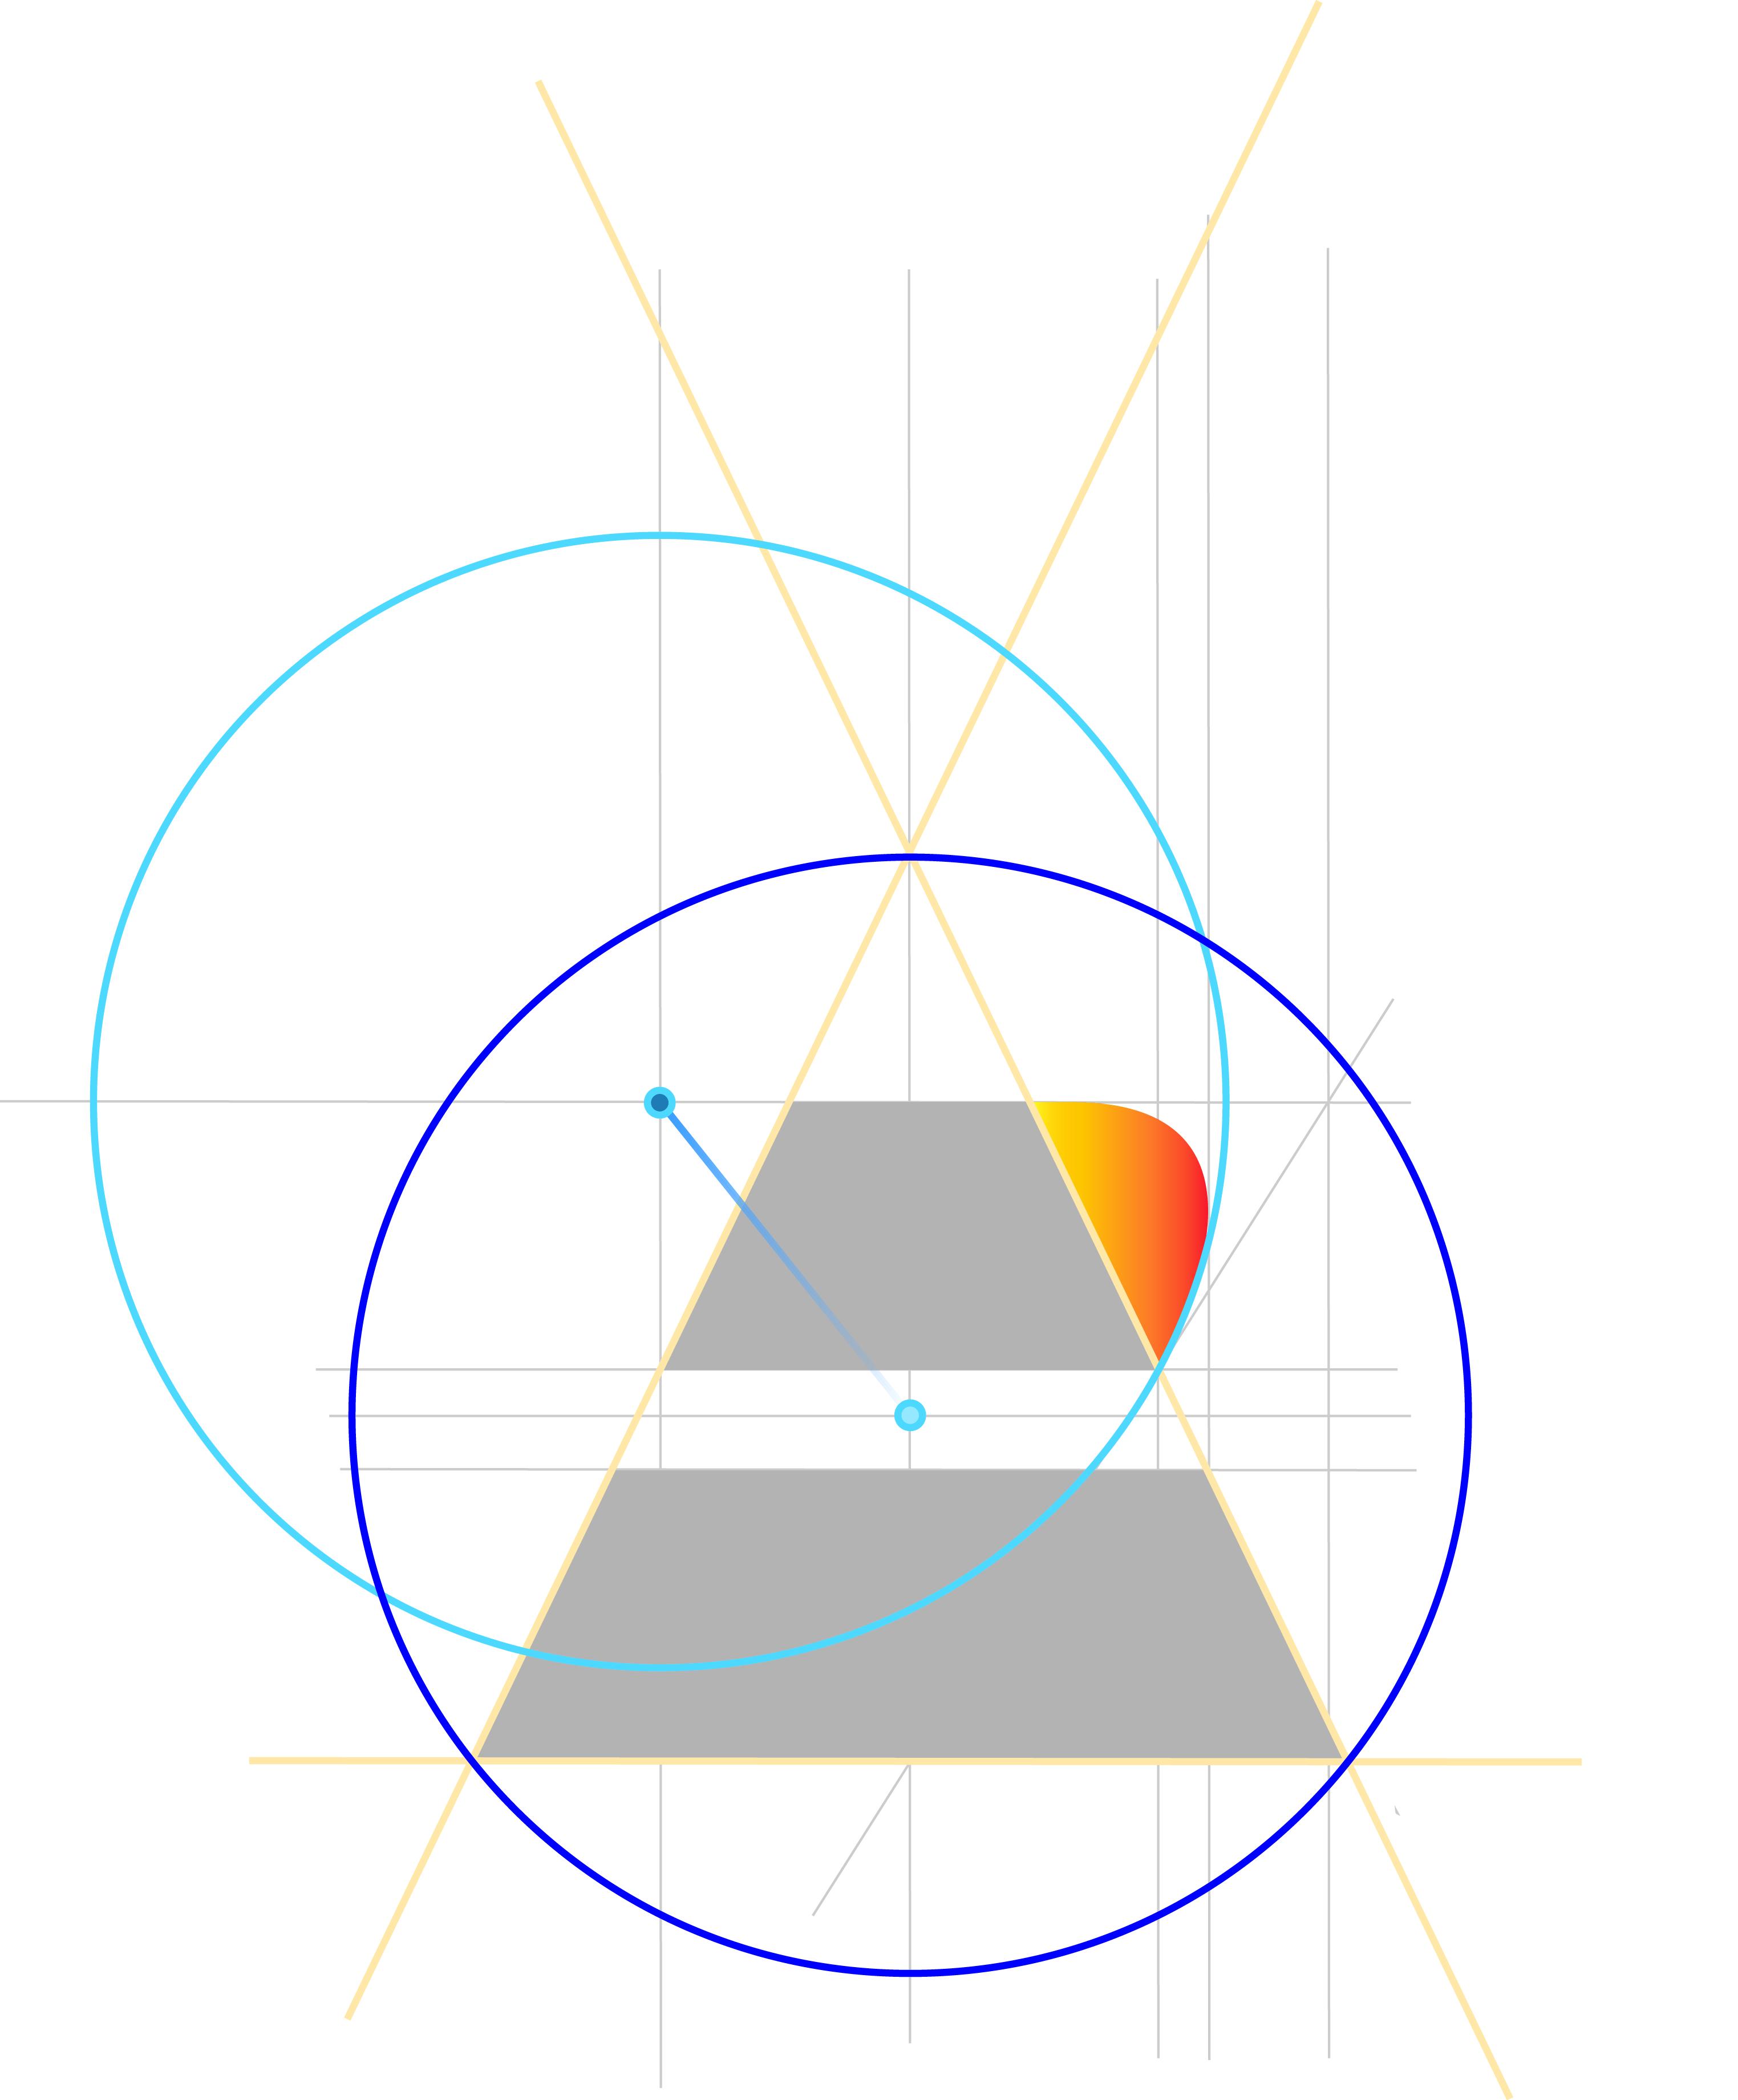 aregel_logo_ci_fertig_concept3a